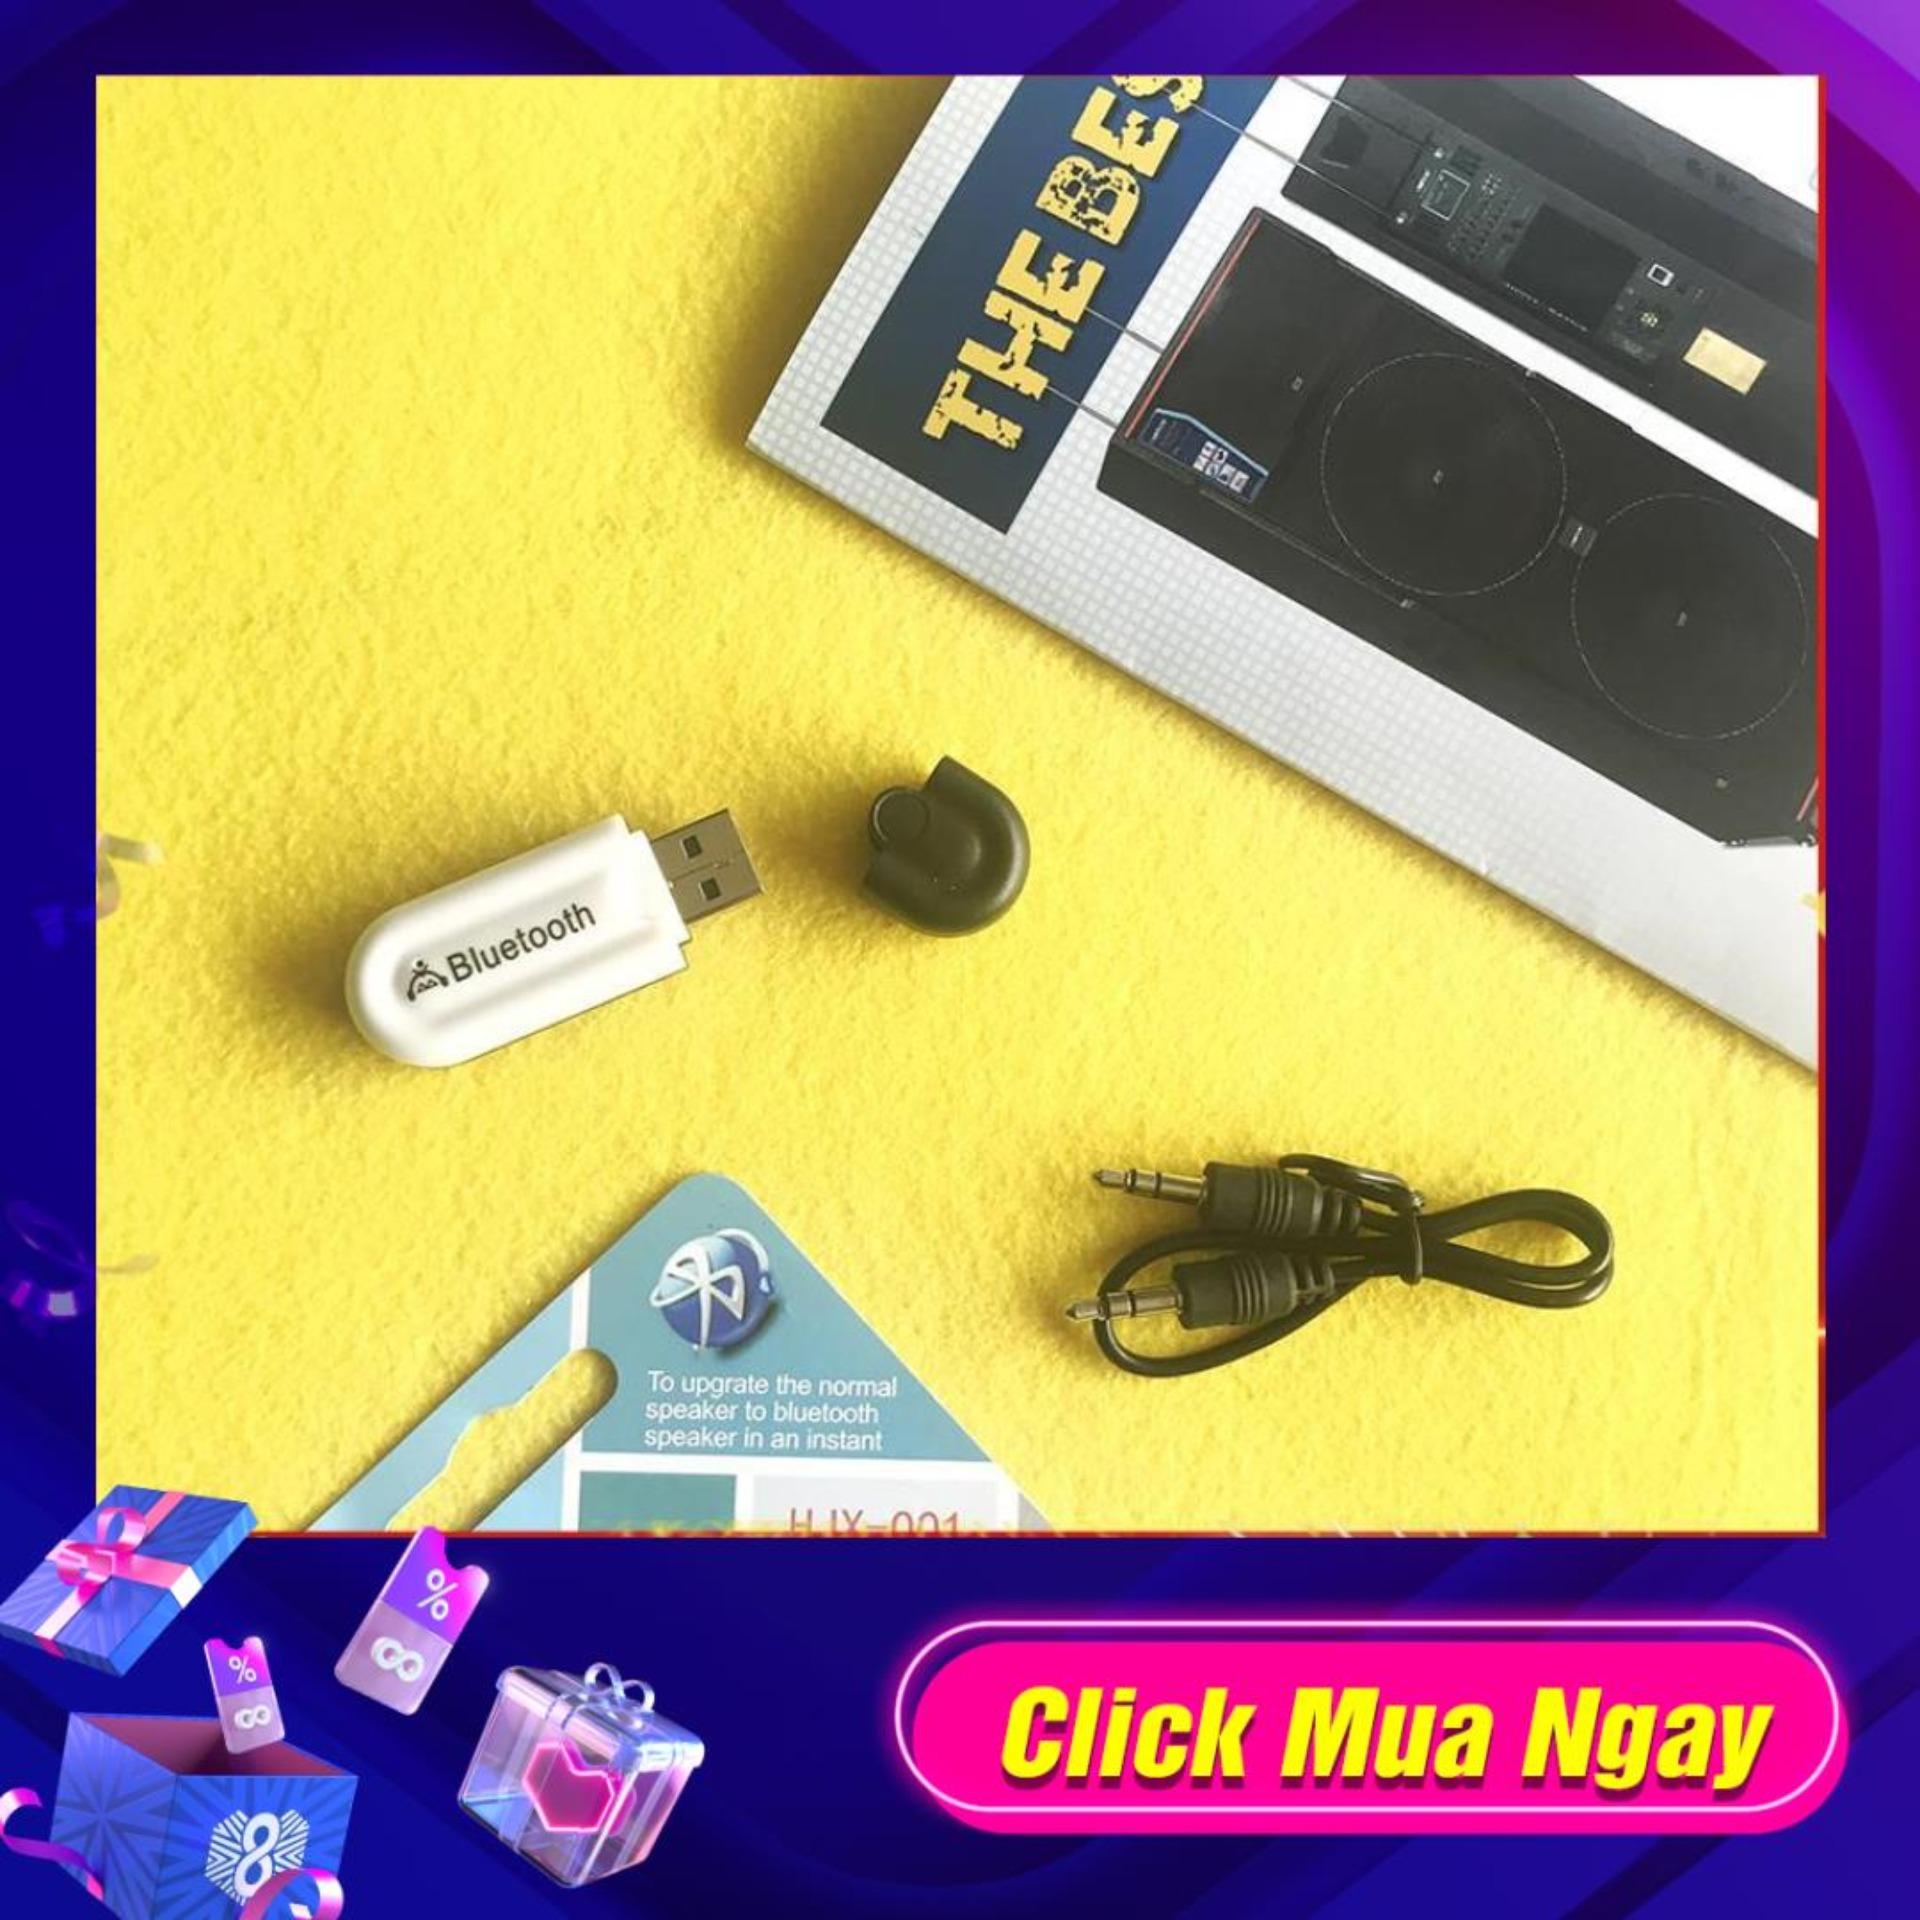 USB phát Bluetooth Music Dongle cho amply , loa , dàn âm thanh có dây thường thành không dây kết...